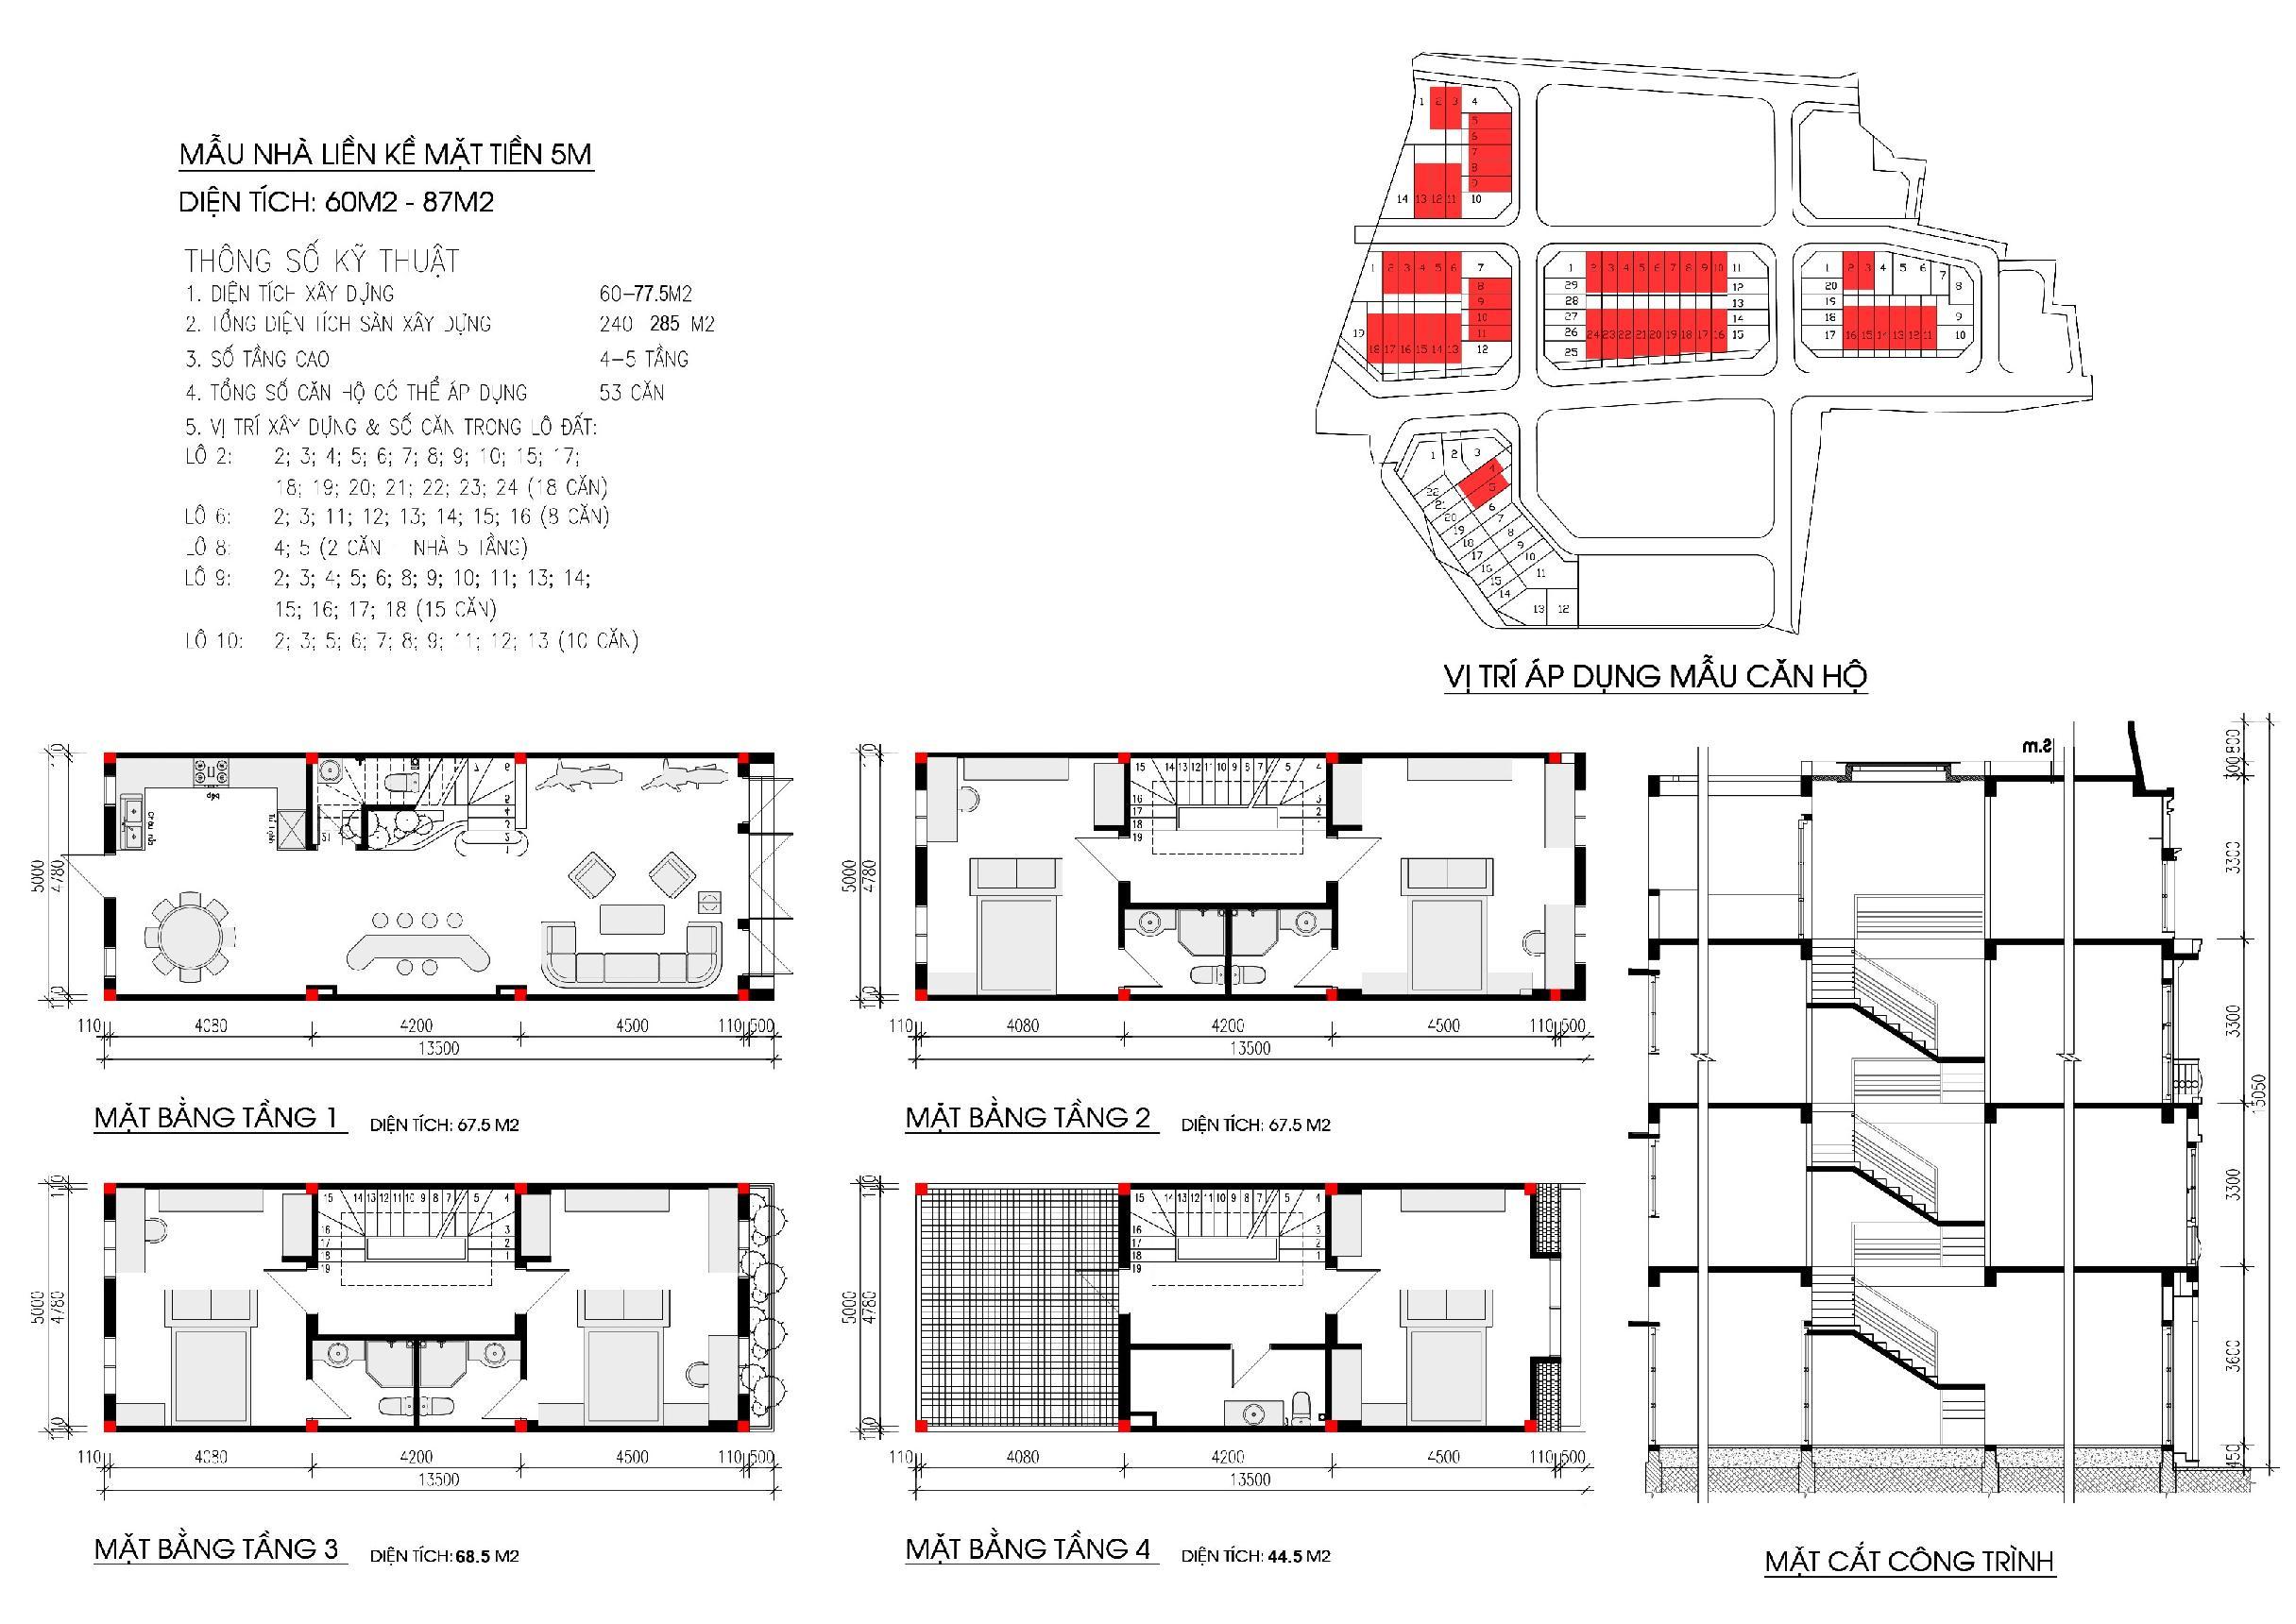 Thiết kế diện tích 60-87m2 khu nhà ở Phùng Khoang